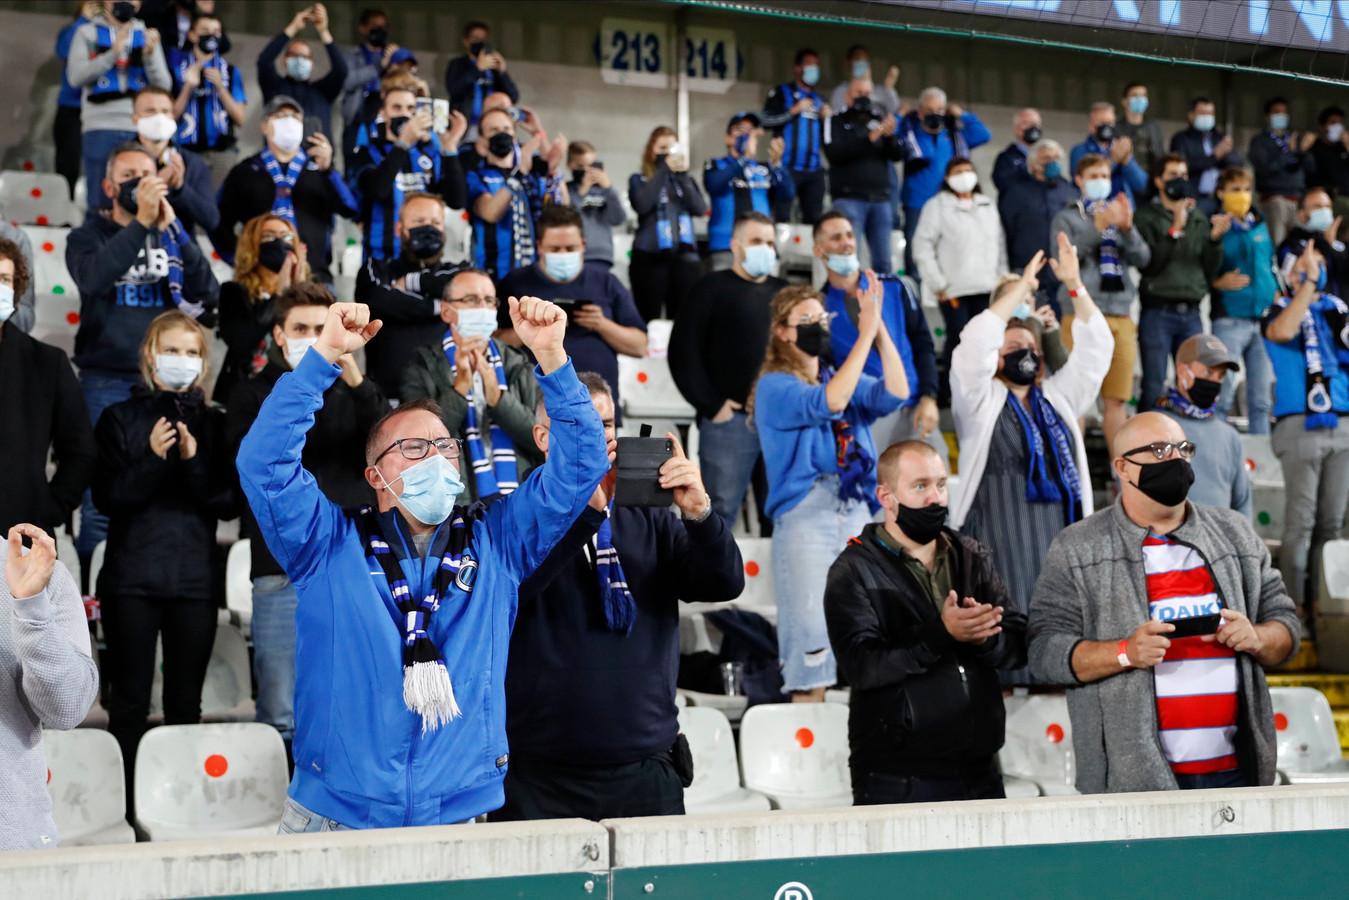 De supporters van Club Brugge juichen - eindelijk opnieuw in Jan Breydel - bij een van de doelpunten van hun team.